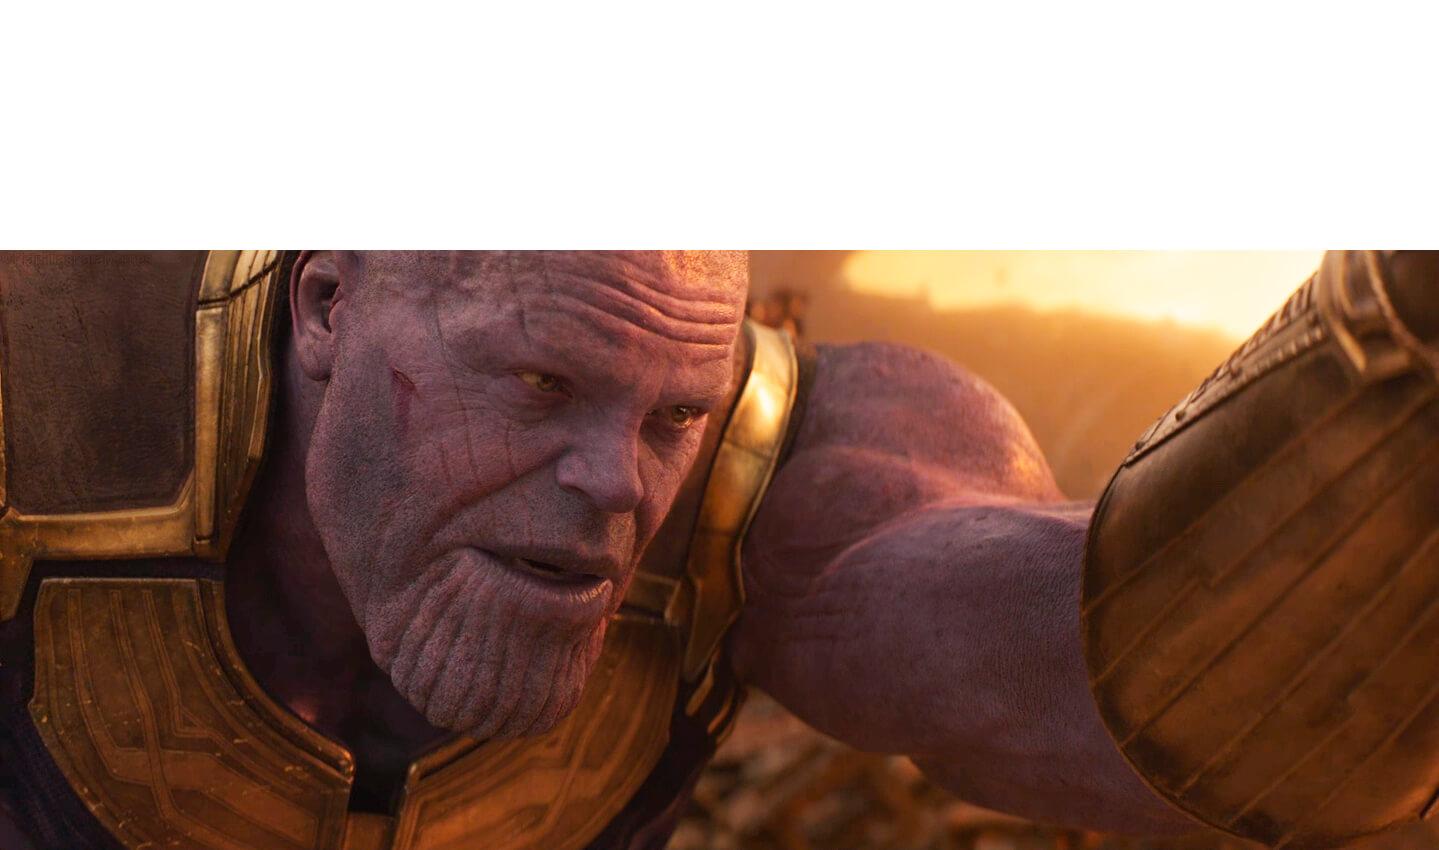 Plantilla de Tienes mi respeto Stark